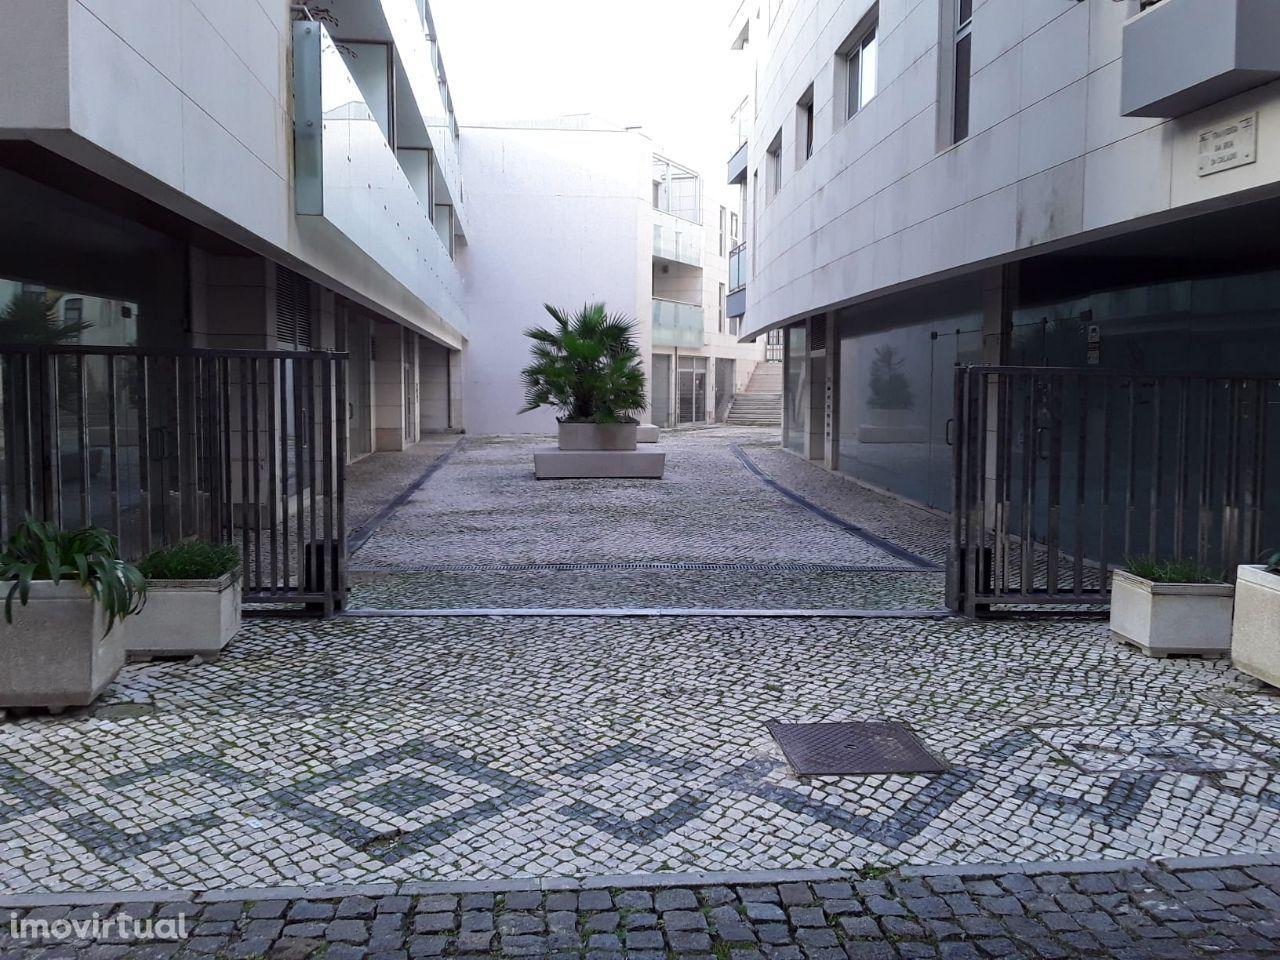 Lojas na rua lateral ao edifício do Casino da Figueira da Foz